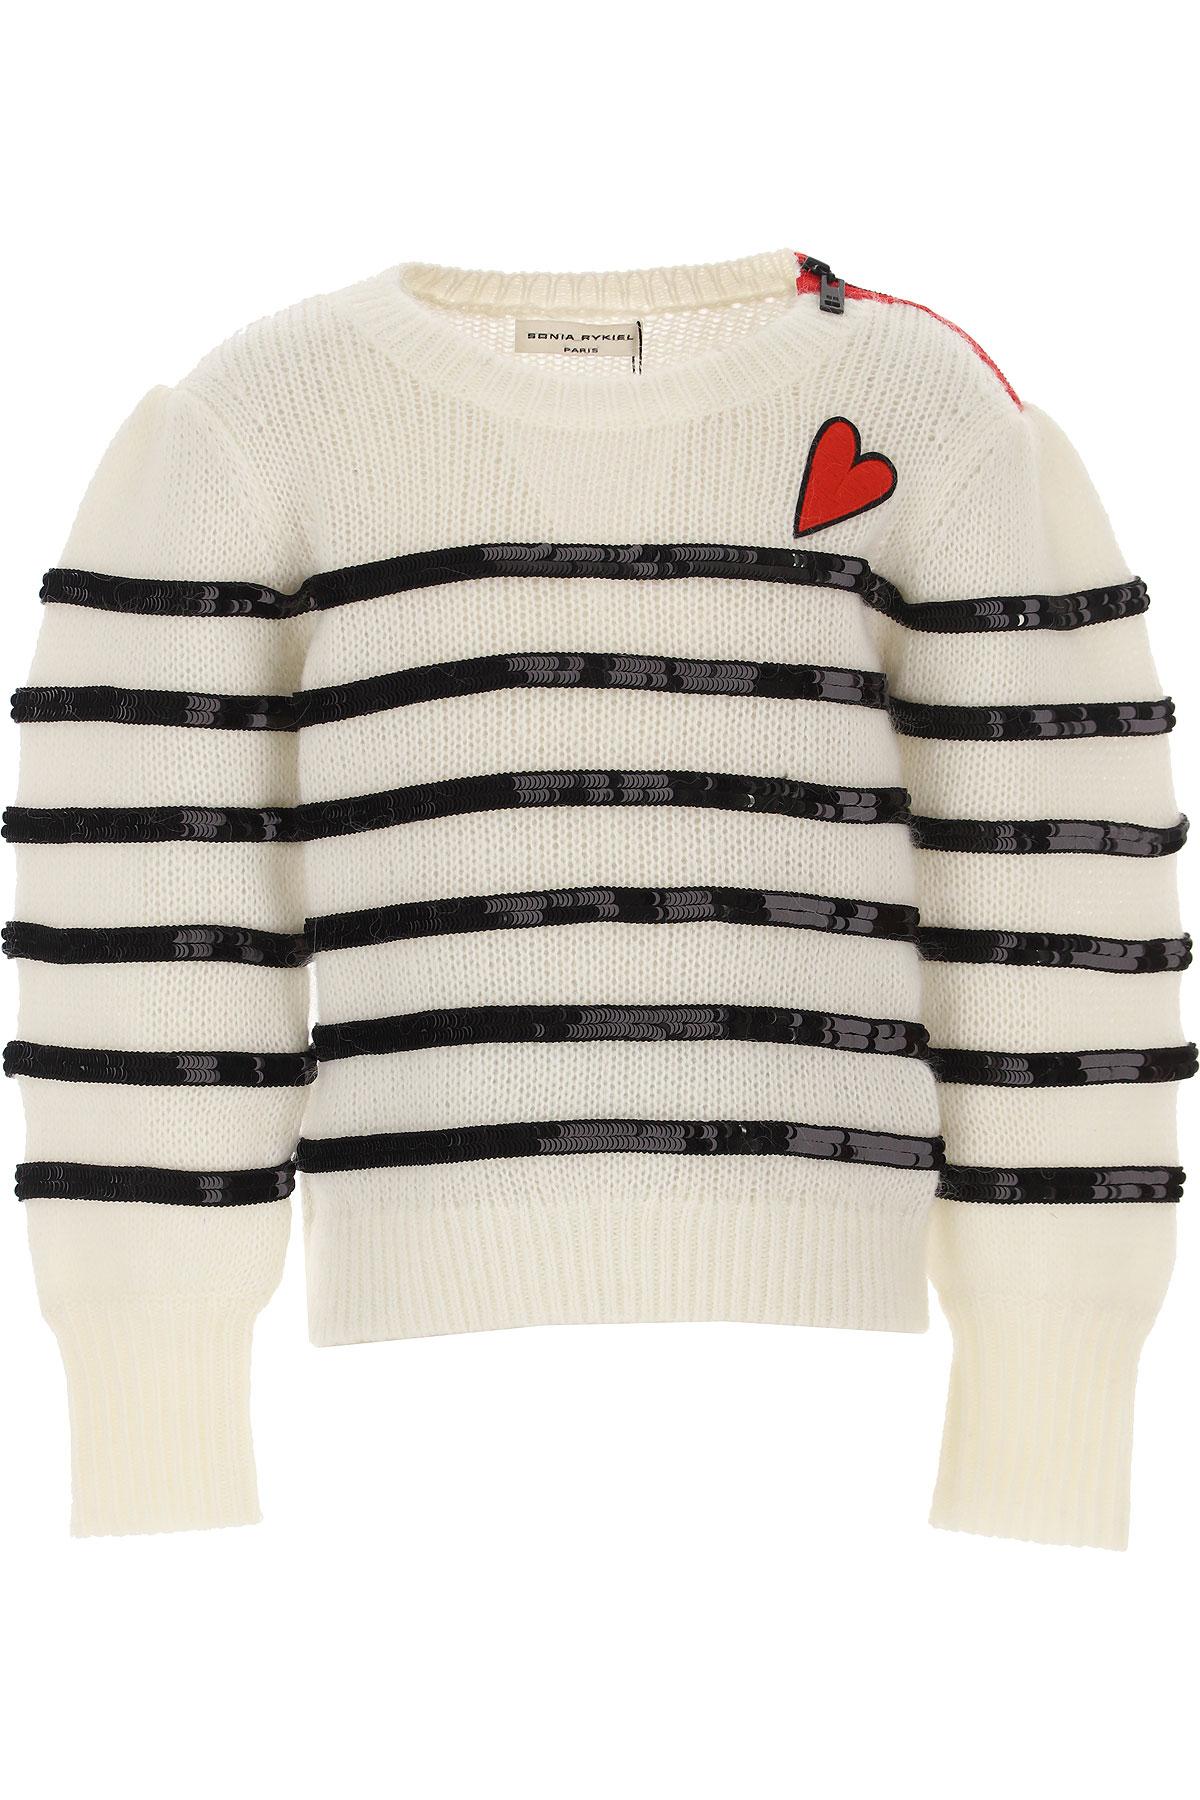 Sonia Rykiel Kids Sweaters for Girls On Sale, White, Nylon, 2019, 10Y 12Y 14Y 6Y 8Y